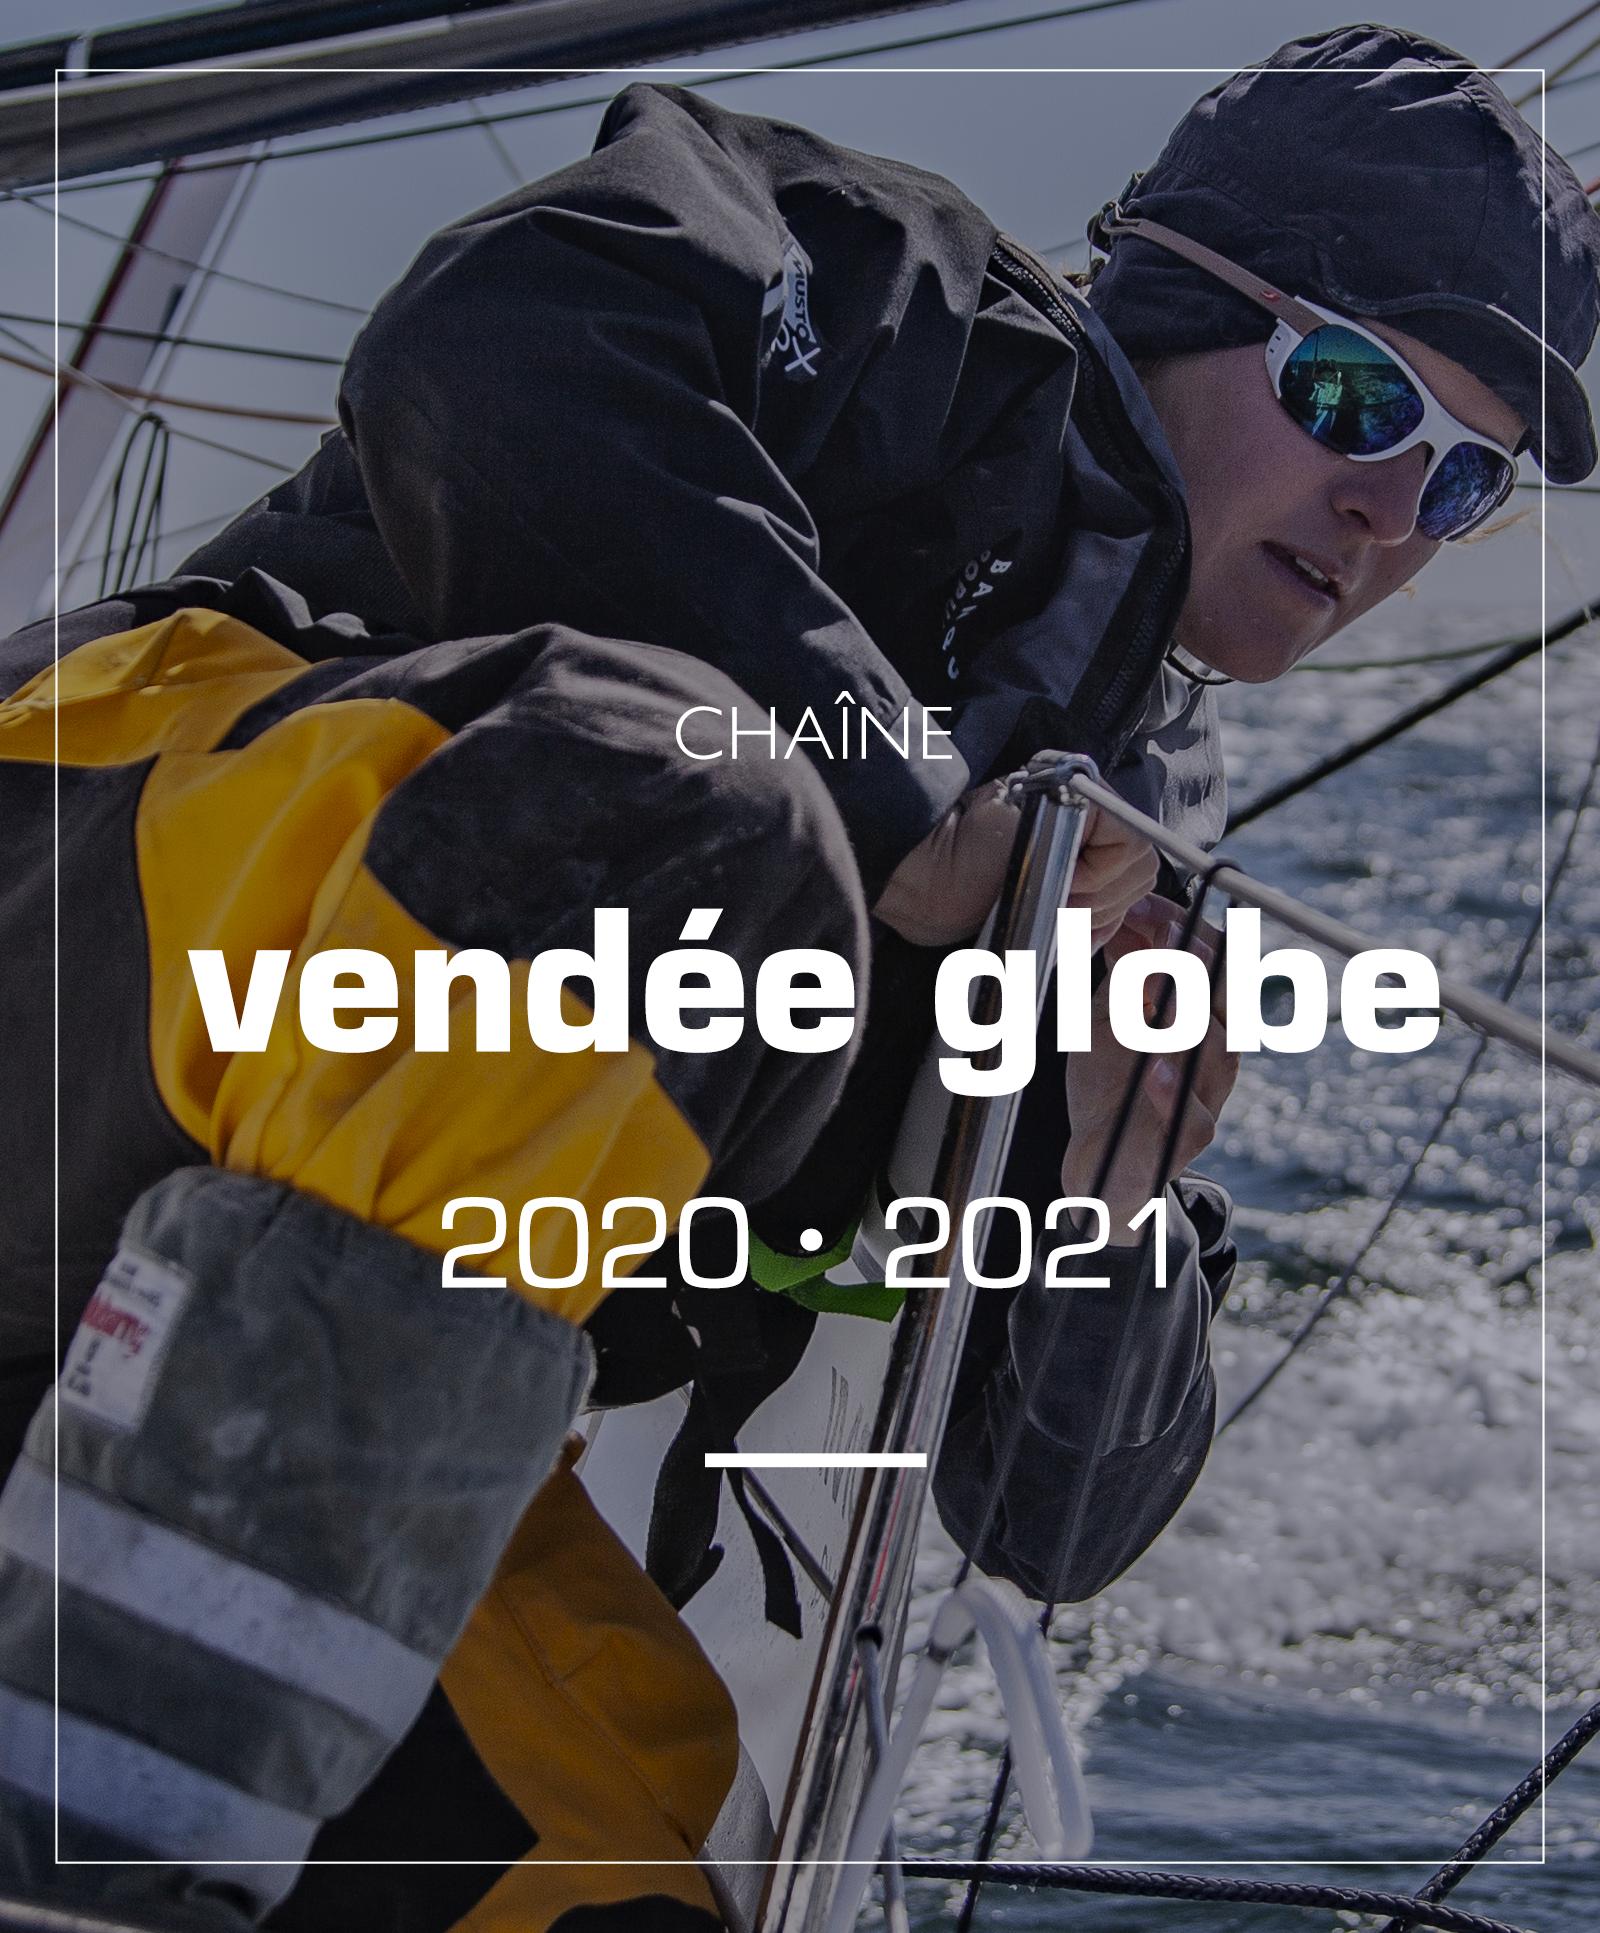 VENDEE GLOBE 2020-2021